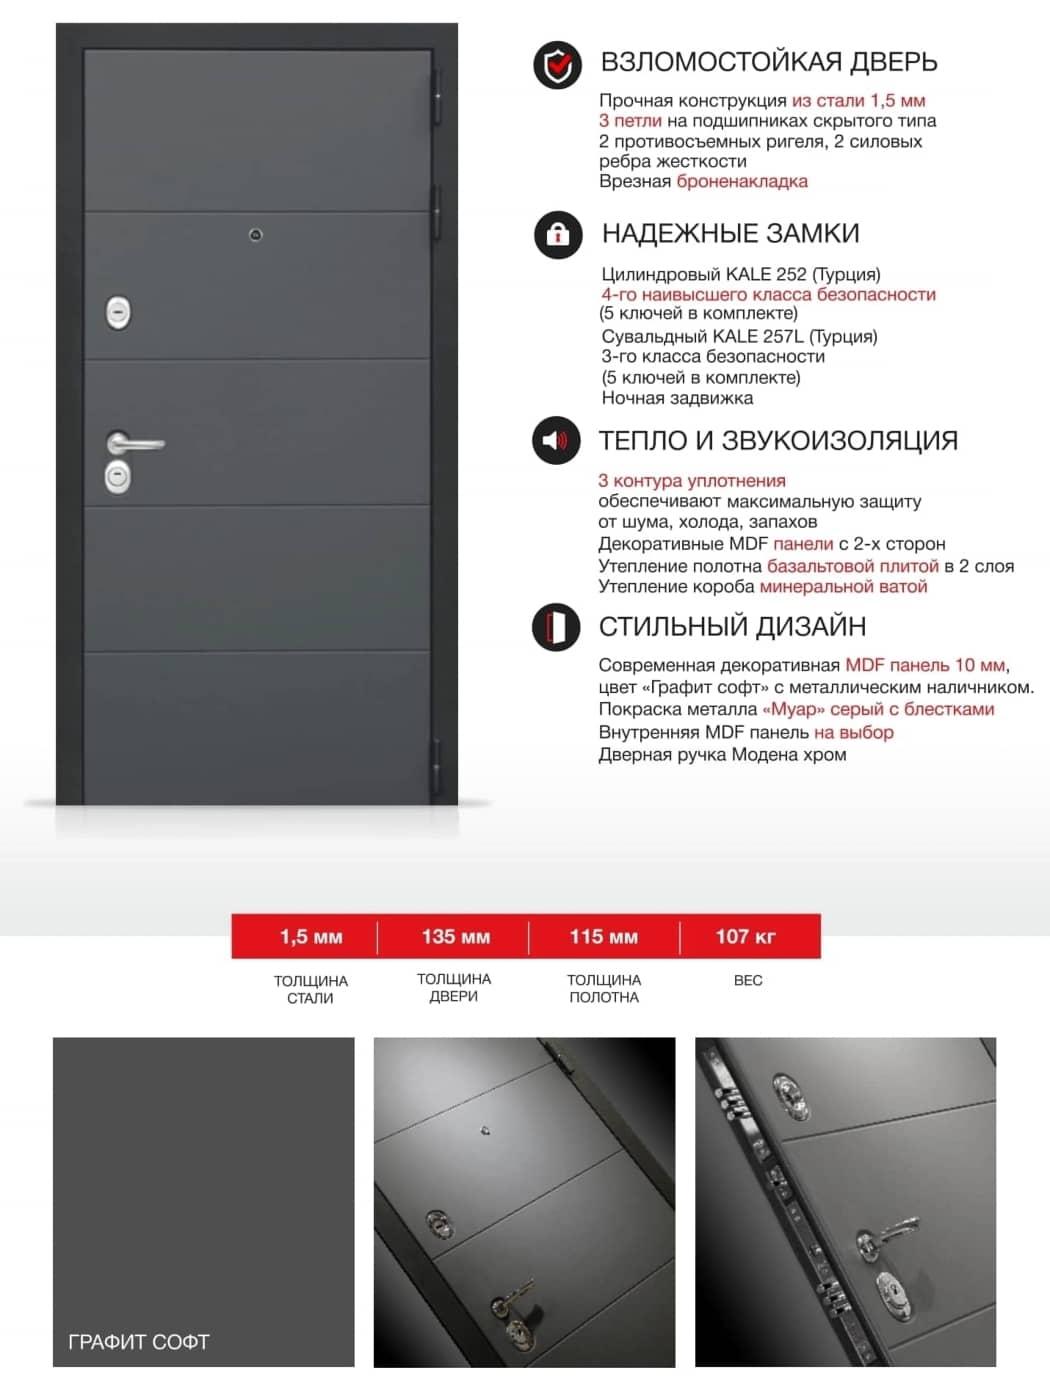 двери art grafit, входная дверь art grafit, двери лабиринт art grafit, art grafit labirint дверь, входная дверь art графит